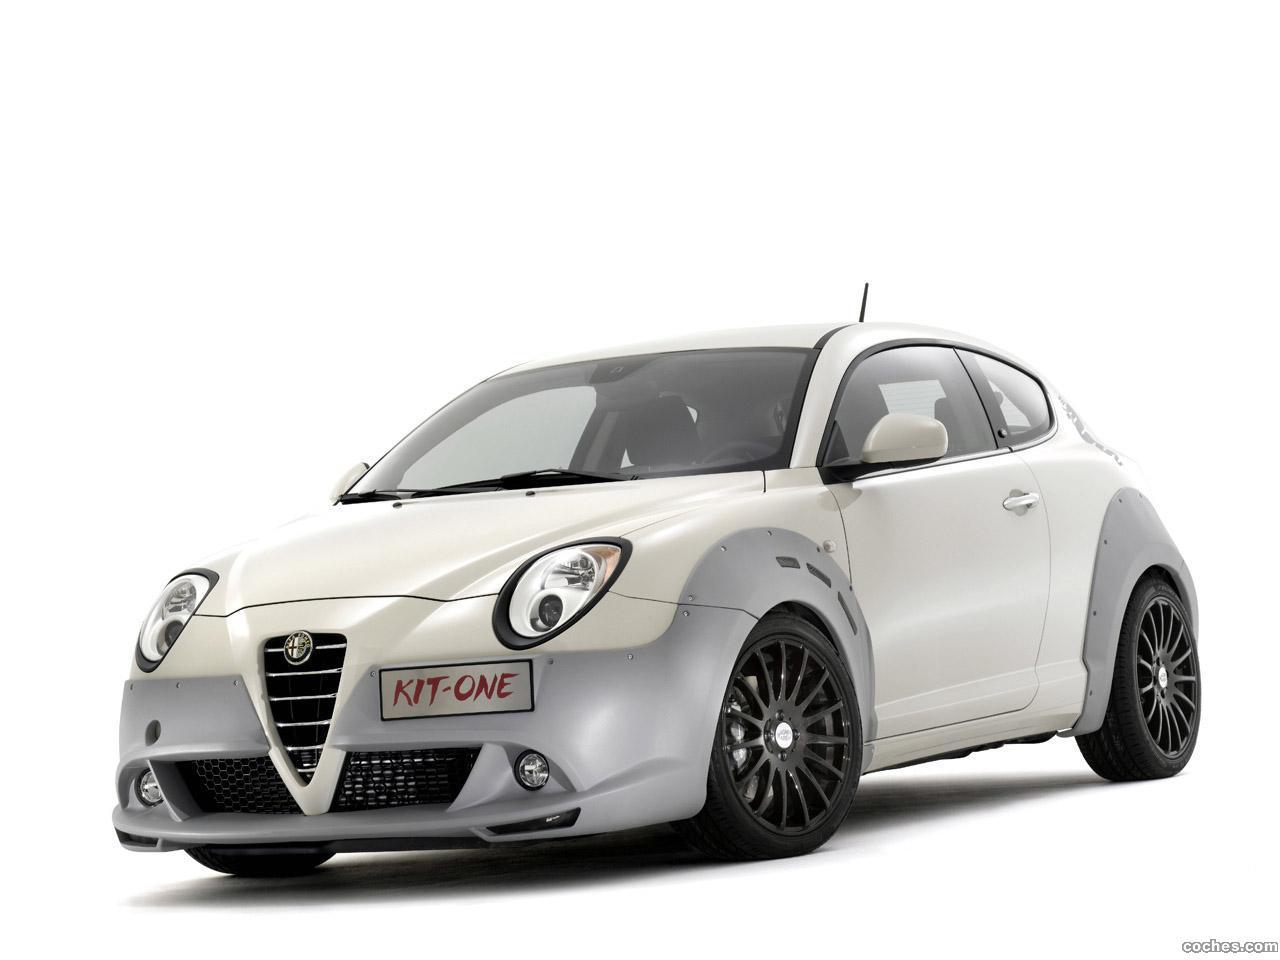 Foto 0 de Alfa Romeo MiTo Kit One Magneti Marelli Elaborazione 2010